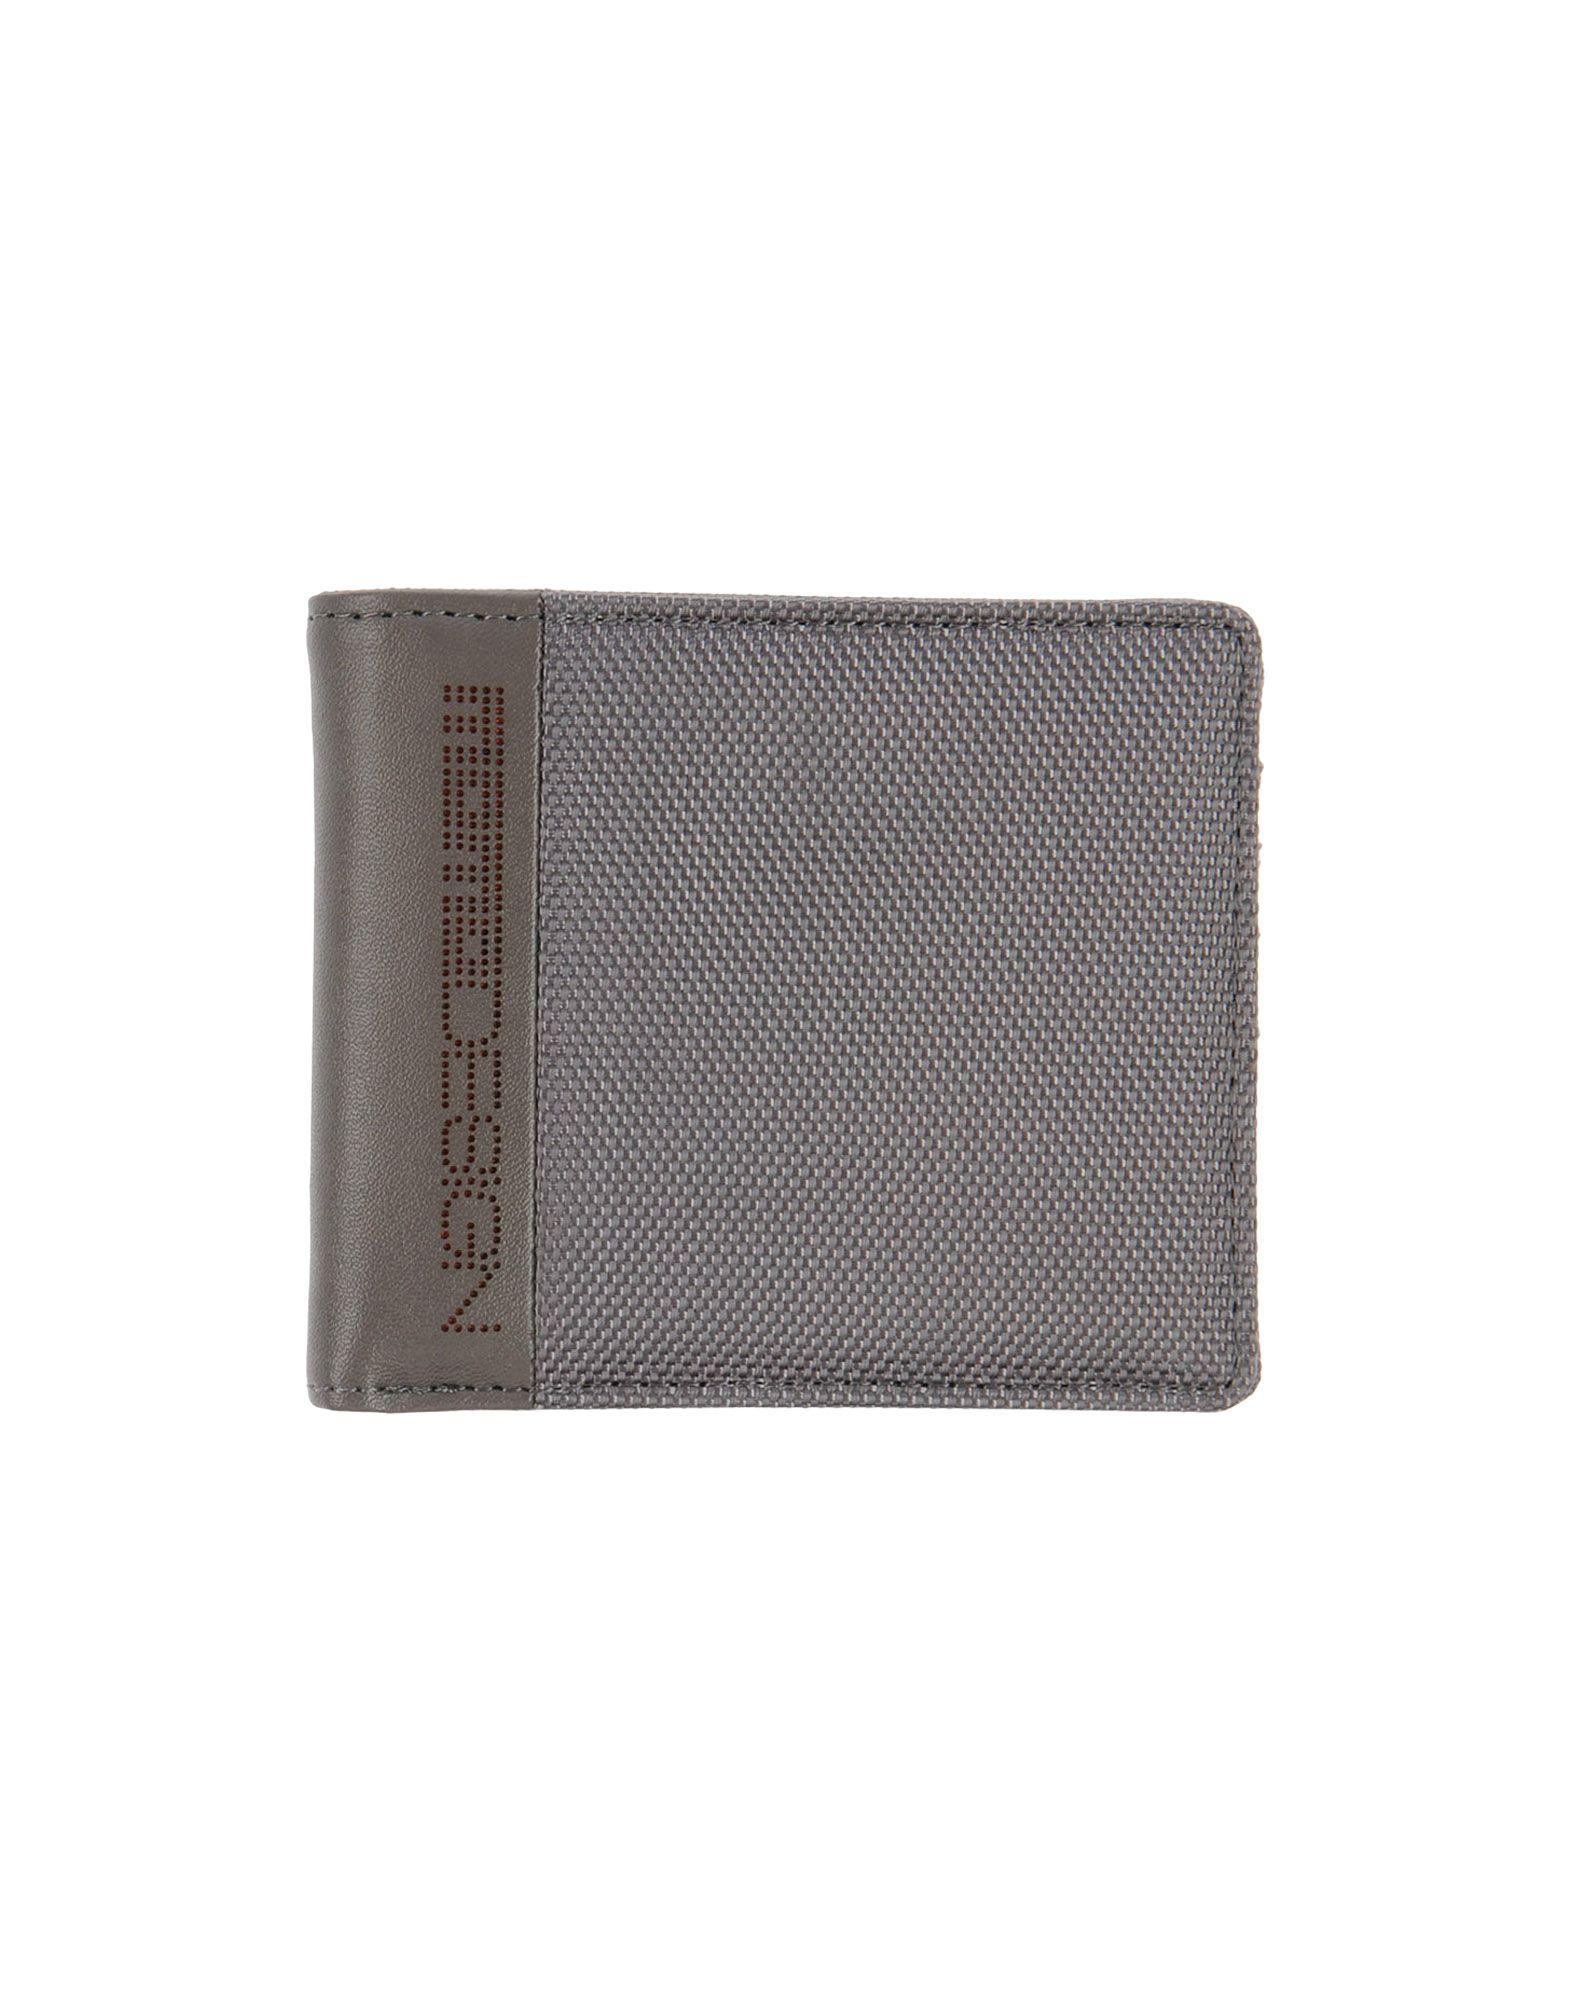 MOMO DESIGN Herren Brieftasche Farbe Grau Größe 1